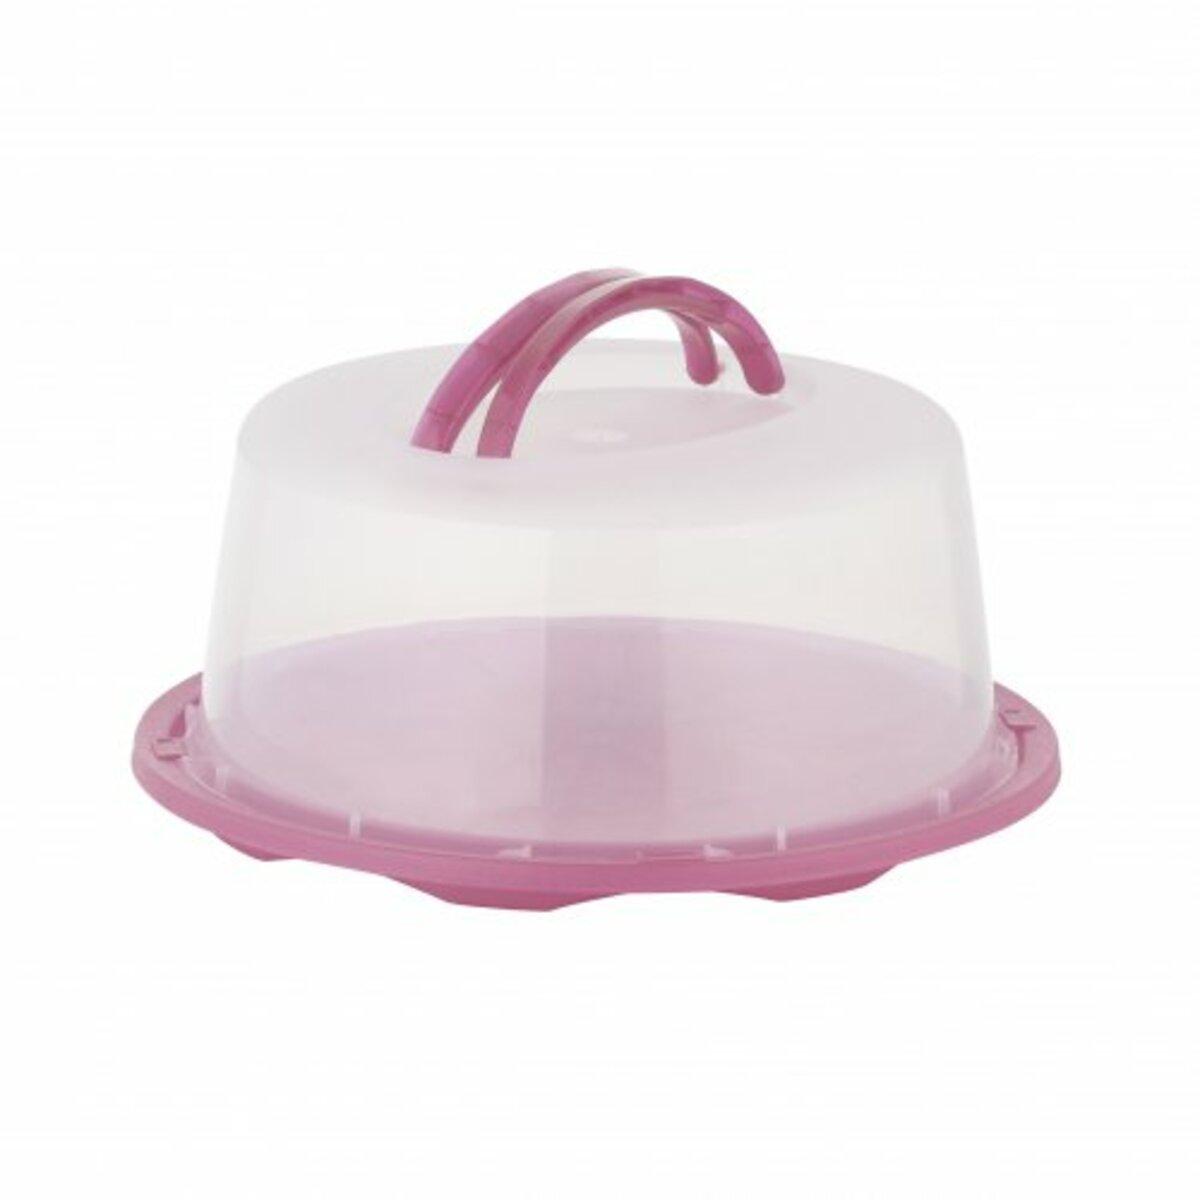 Bild 3 von *Kuchenbehälter